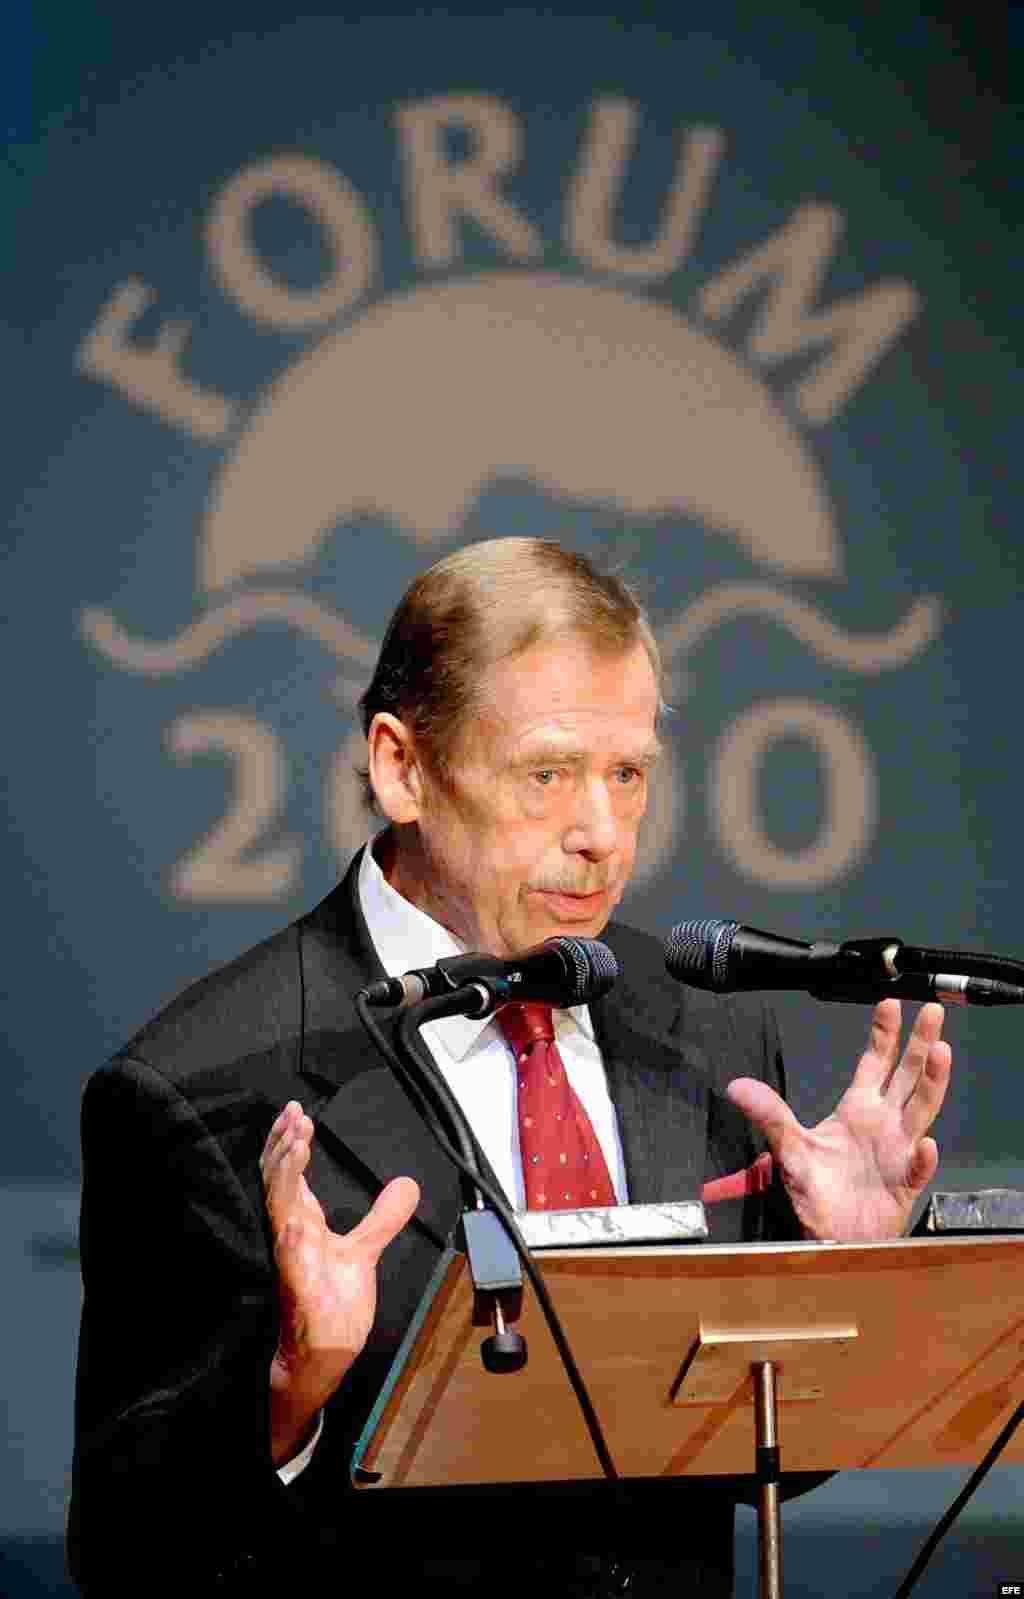 Archivo 2008 - Vaclav Havel pronuncia un discurso en la ceremonia de inauguración de la conferencia internacional FORUM 2000.